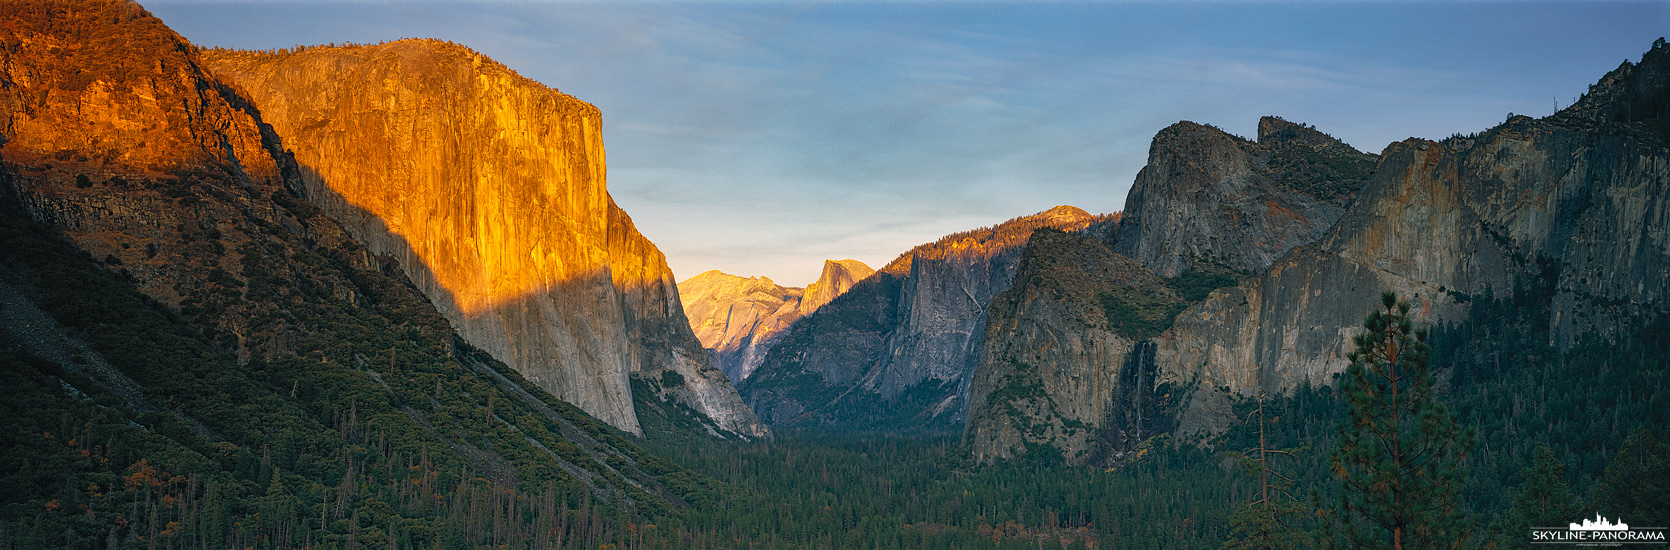 6x17 Panorama California - Der Yosemite Nationalpark ist einer der sehenswertesten Nationalparks an der Westküste der Vereinigten Staaten. Ob als Tagesausflug - beispielsweise von San Francisco aus - oder für eine längere Wandertour, er bereitet seinen Besuchern einen erinnerungsreichen und unvergessenen Aufenthalt mit zahlreichen Highlights. Hier zu sehen ist der Ausblick vom Tunnel View Point aus in das Yosemite Valley.